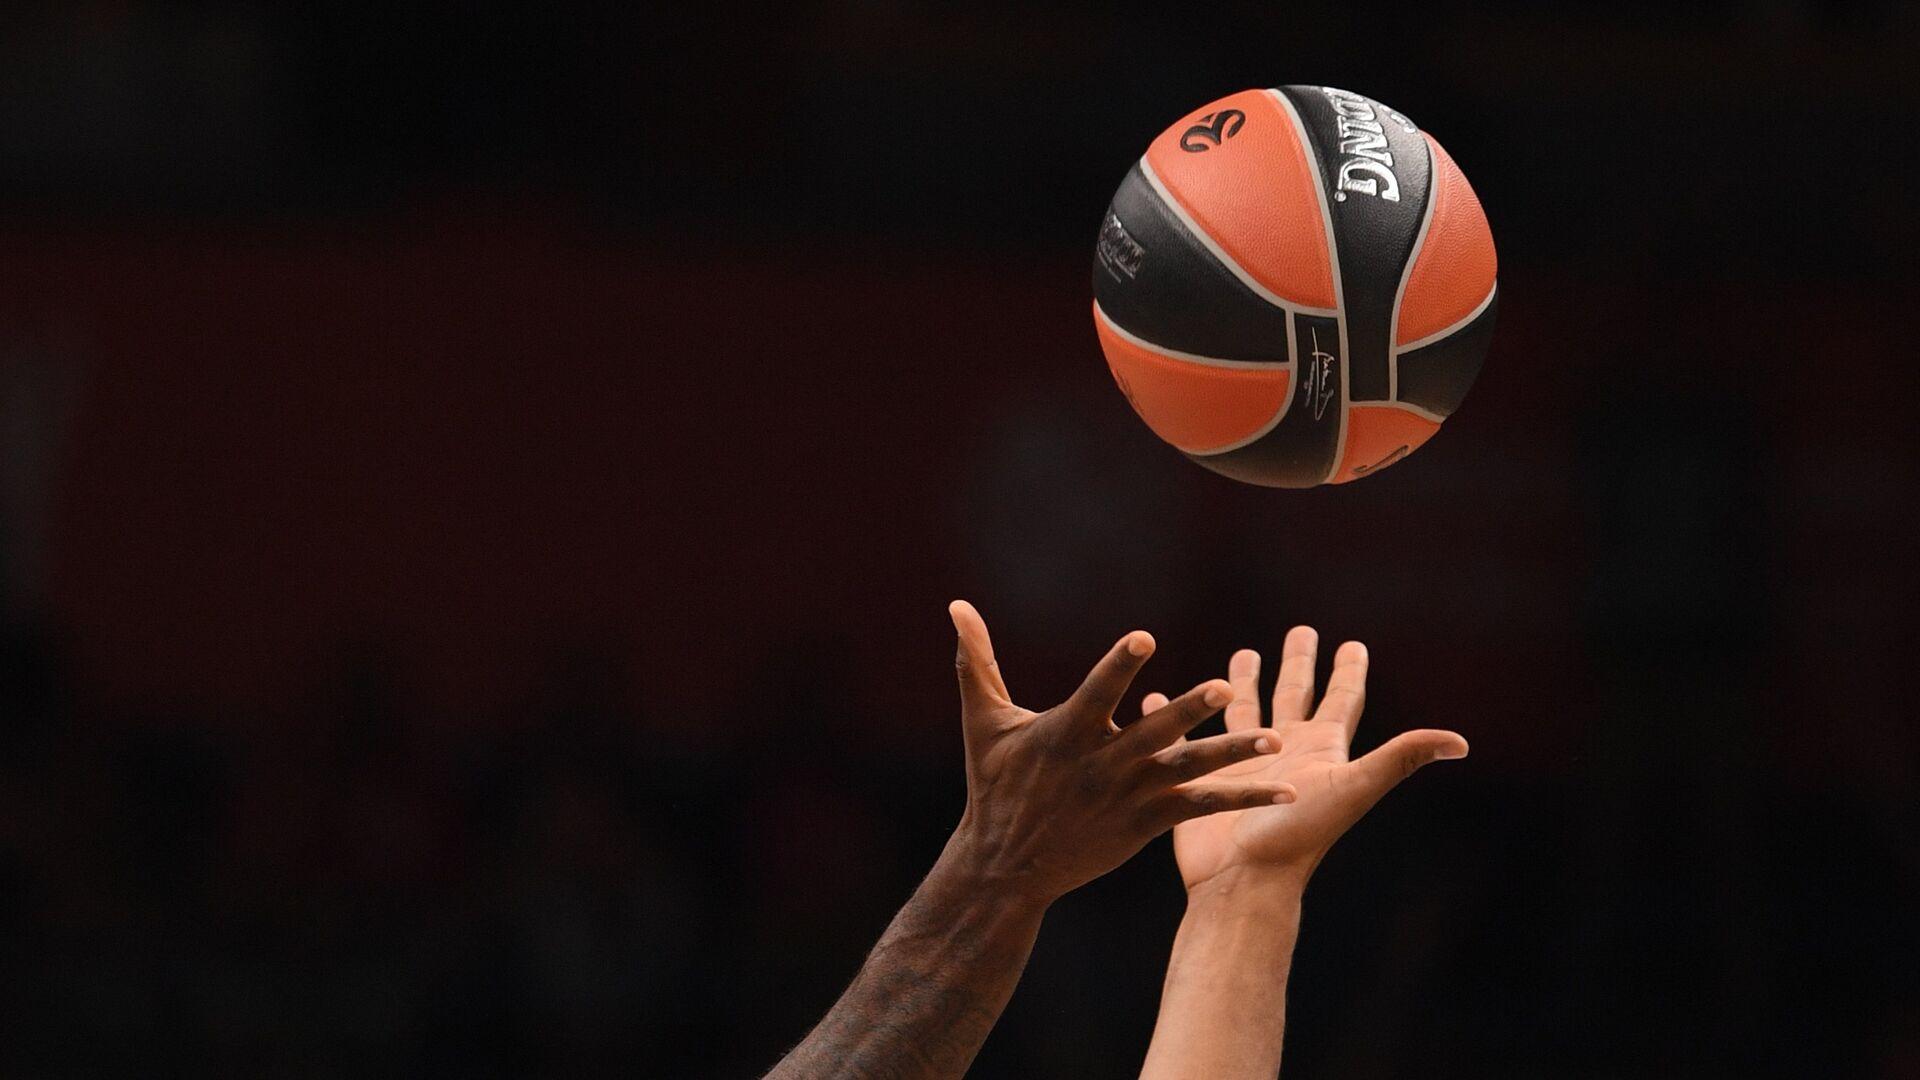 Баскетбольный мяч - РИА Новости, 1920, 08.10.2020